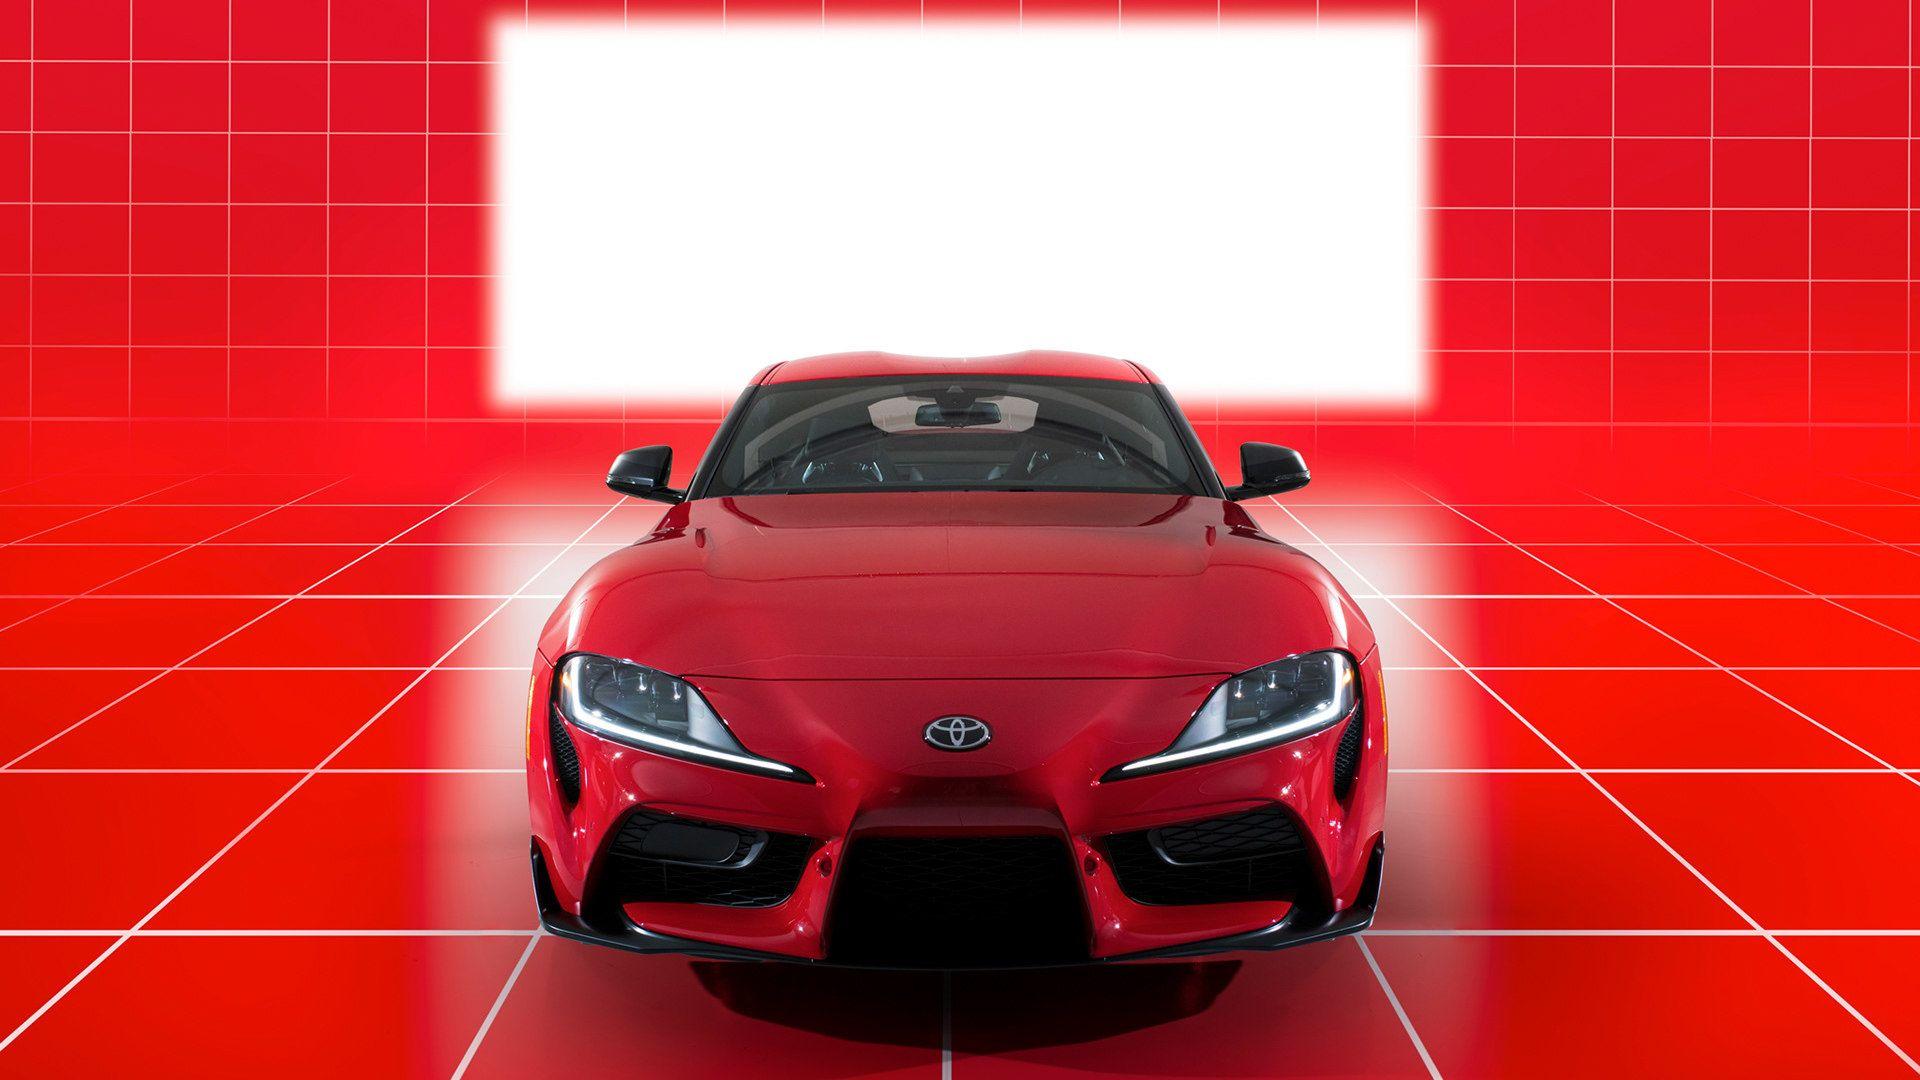 Розбирайте собі на шпалери ці страшенно гарні фото Toyota Supra 2020